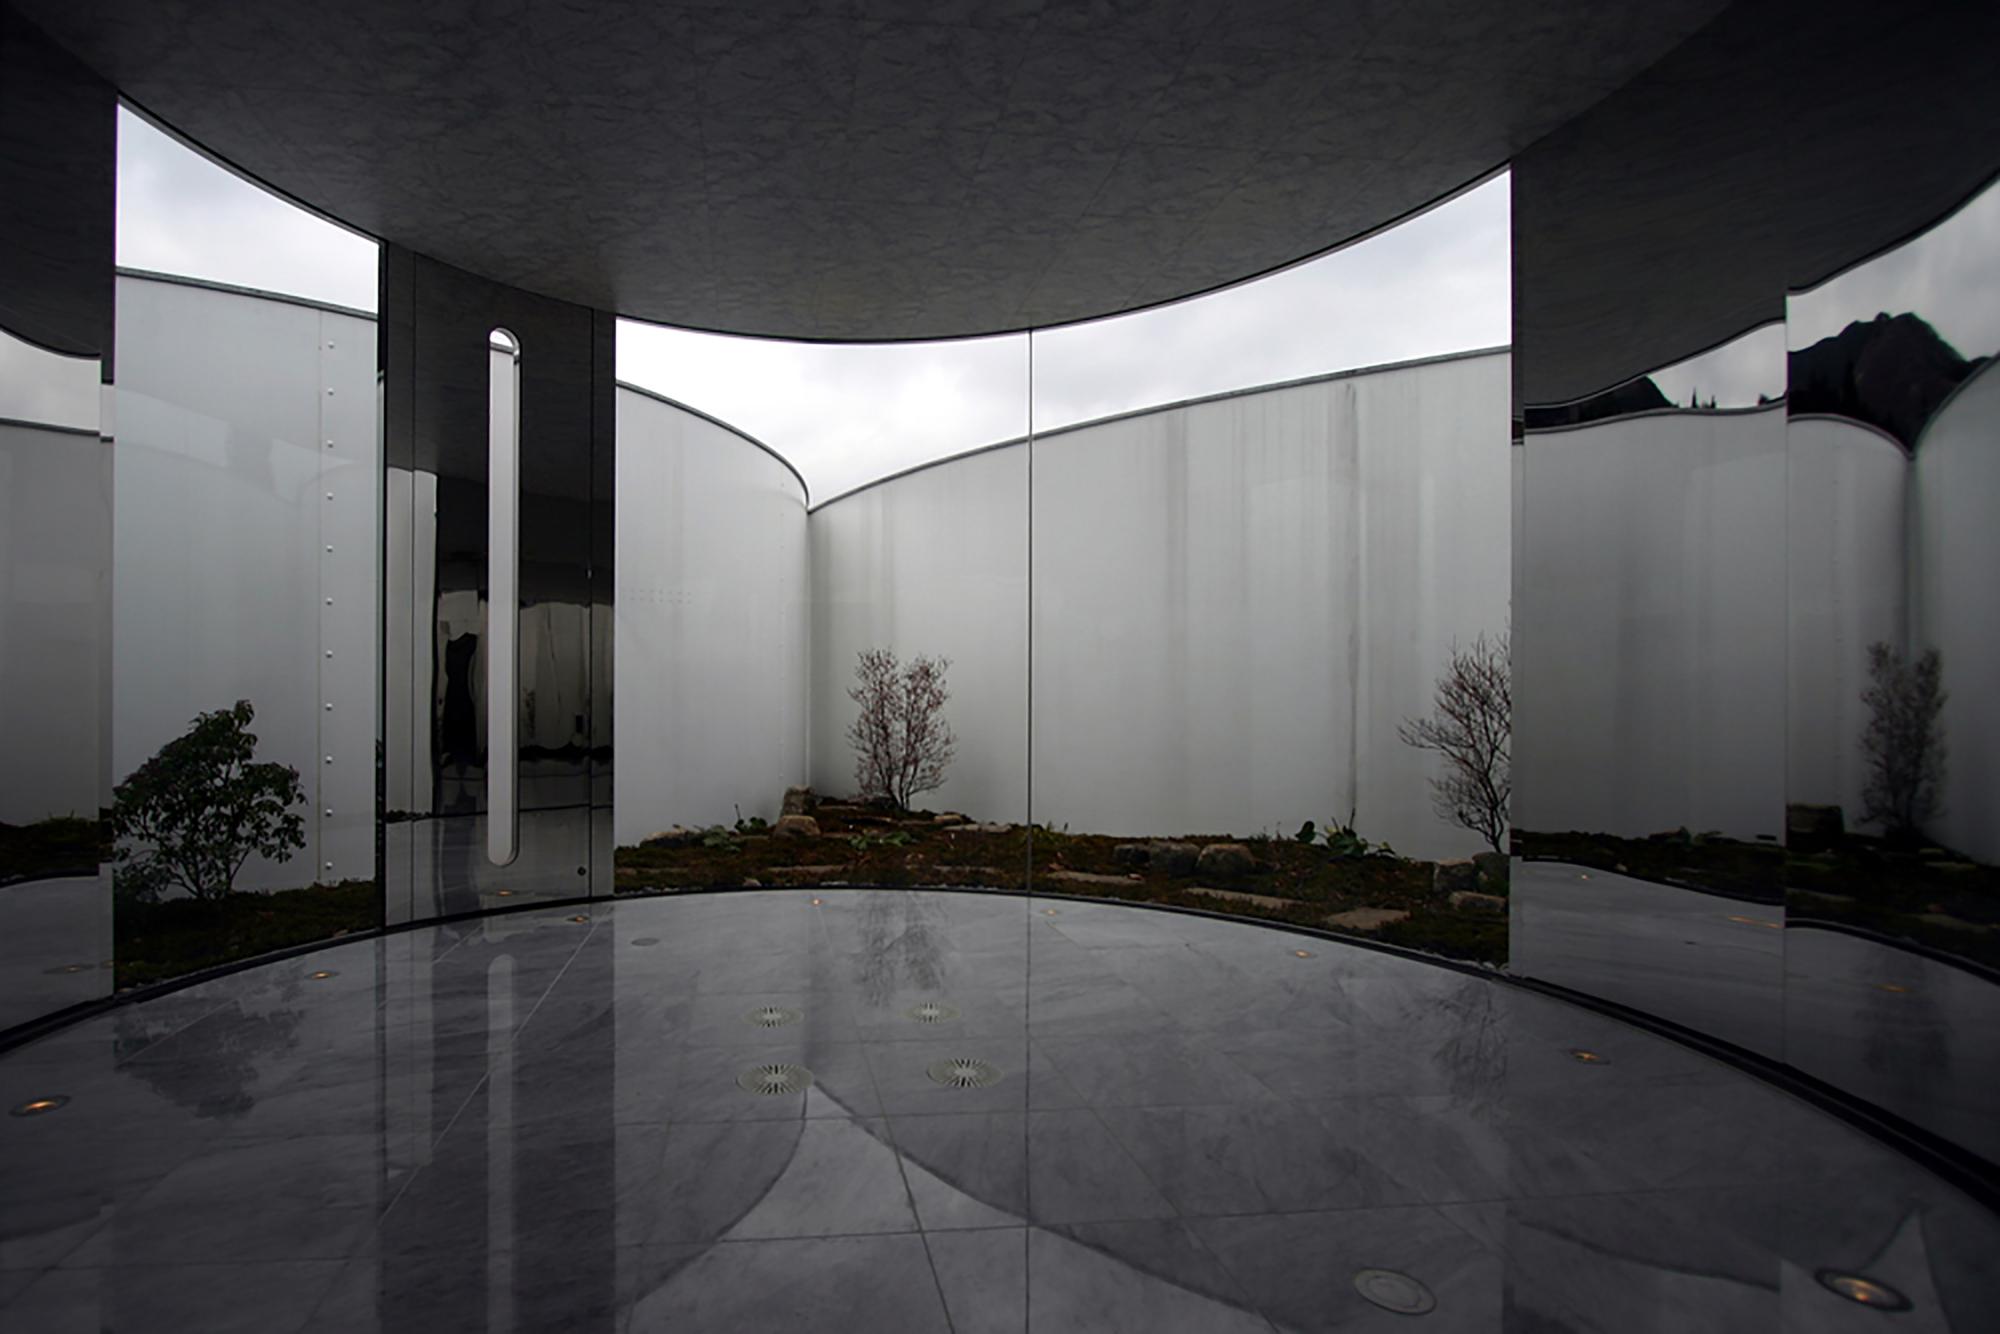 گروه تلگرام گنبد طراحی و معماری موزه ی هنر Tomihiro   آرل